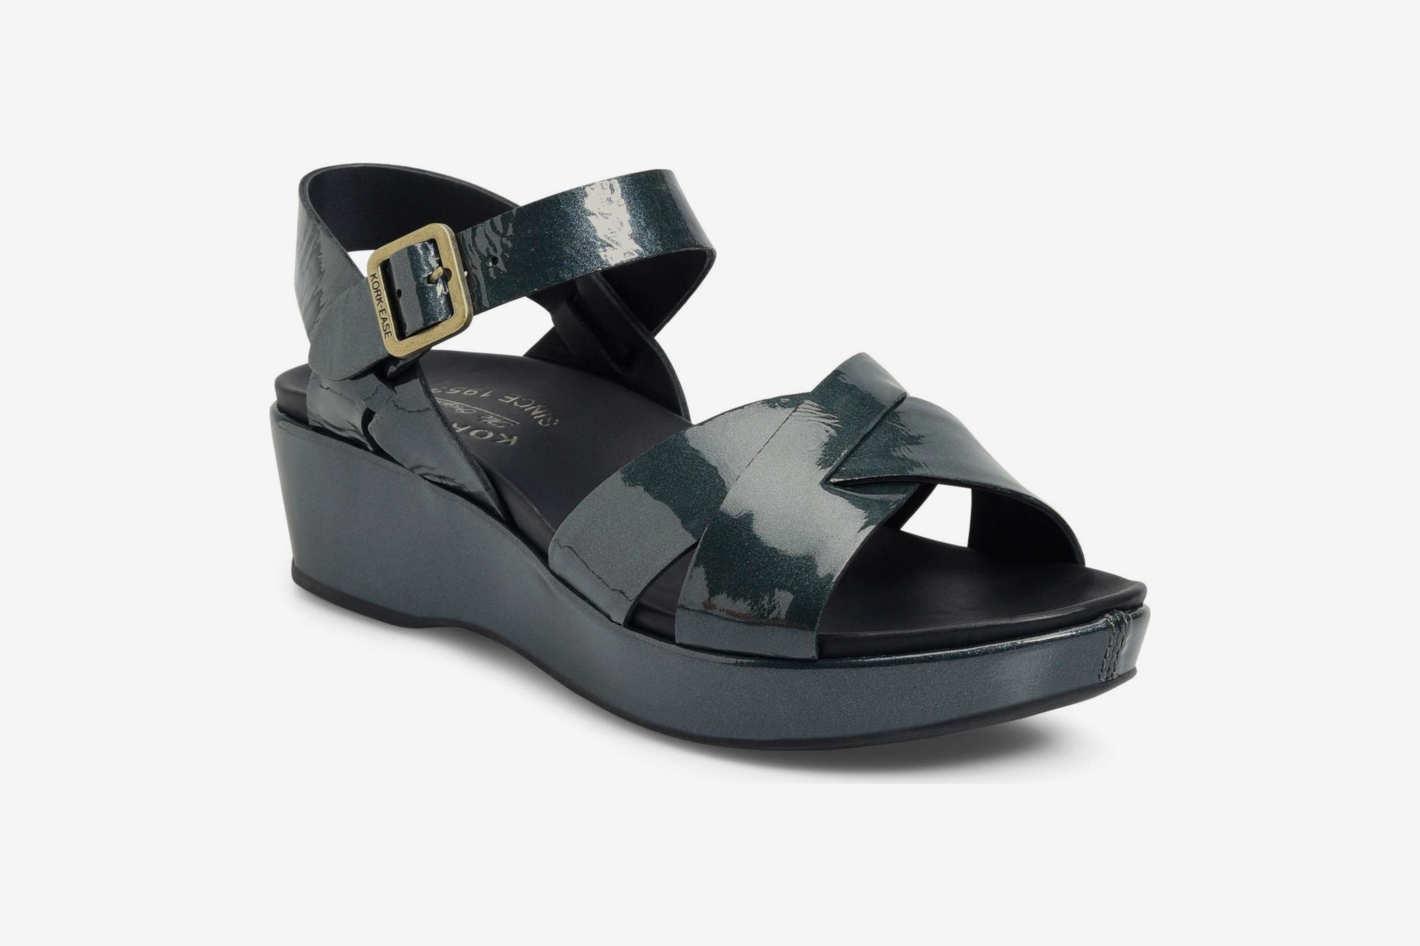 Kork-Ease 'Myrna 2.0' Cork Wedge Sandal